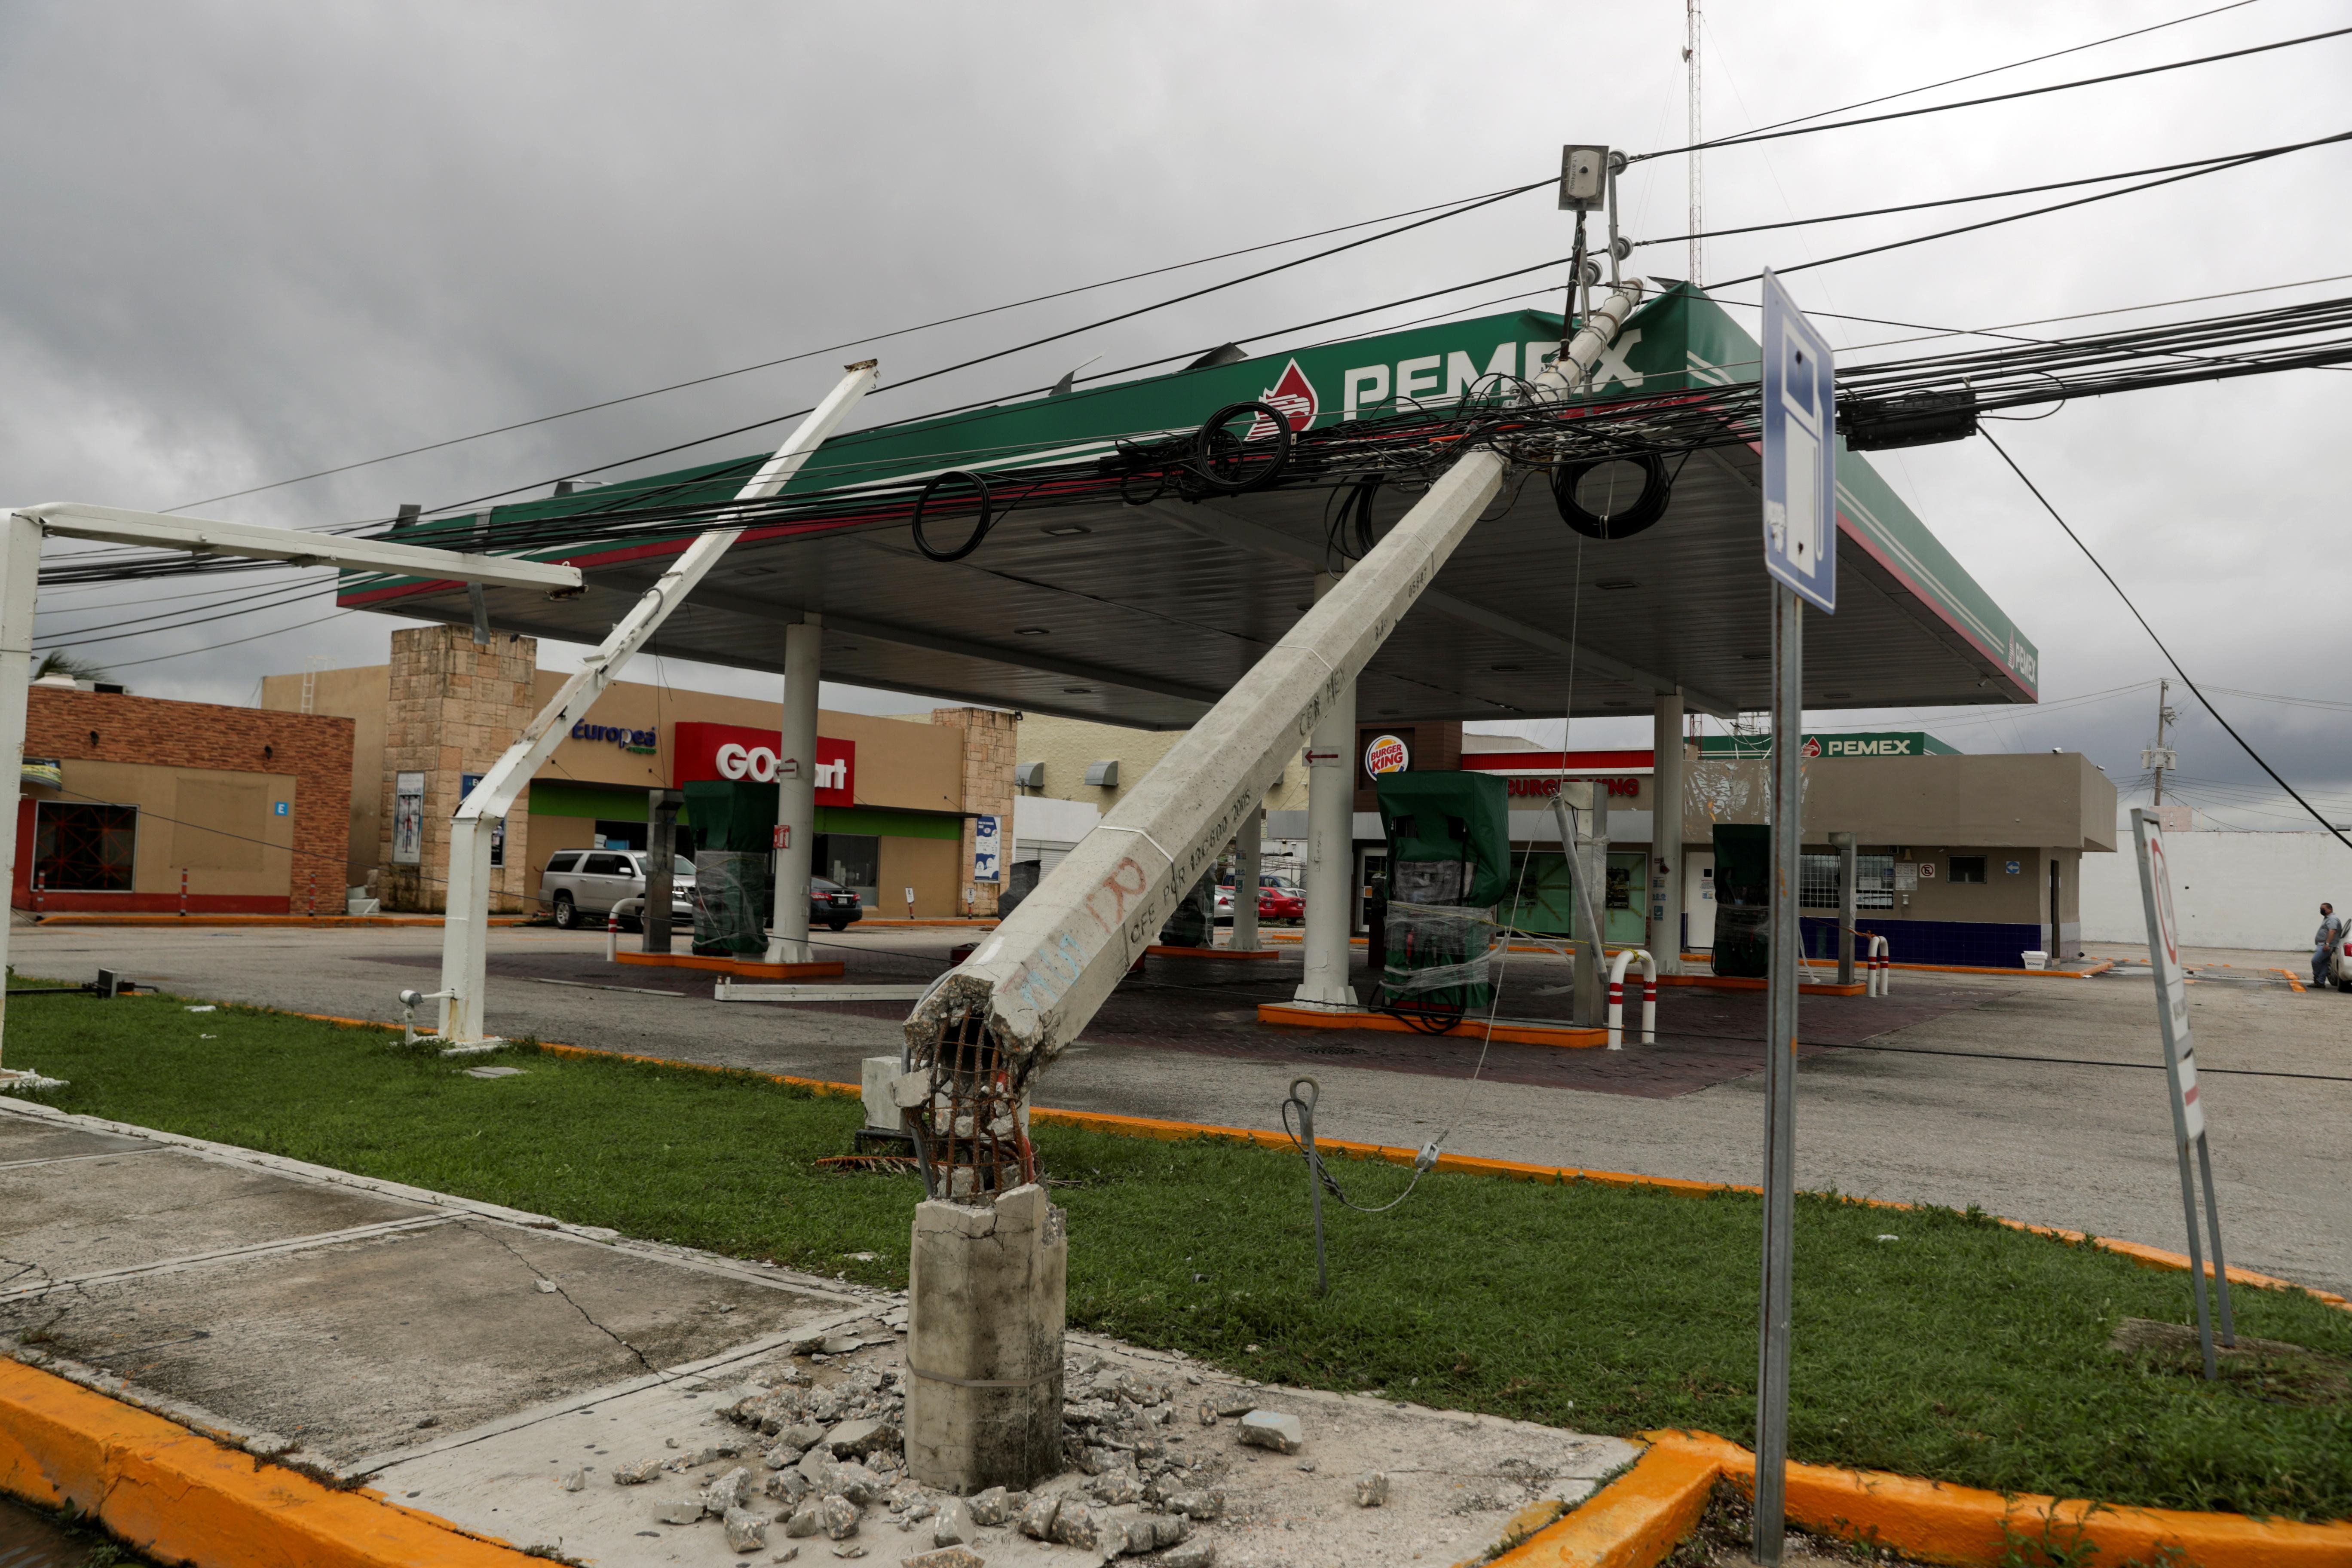 Una gasolinera dañada se ve después de que un poste de electricidad cayera sobre ella, a raíz del huracán Delta, en Cancún, en el estado de Quintana Roo, México, el 7 de octubre de 2020.